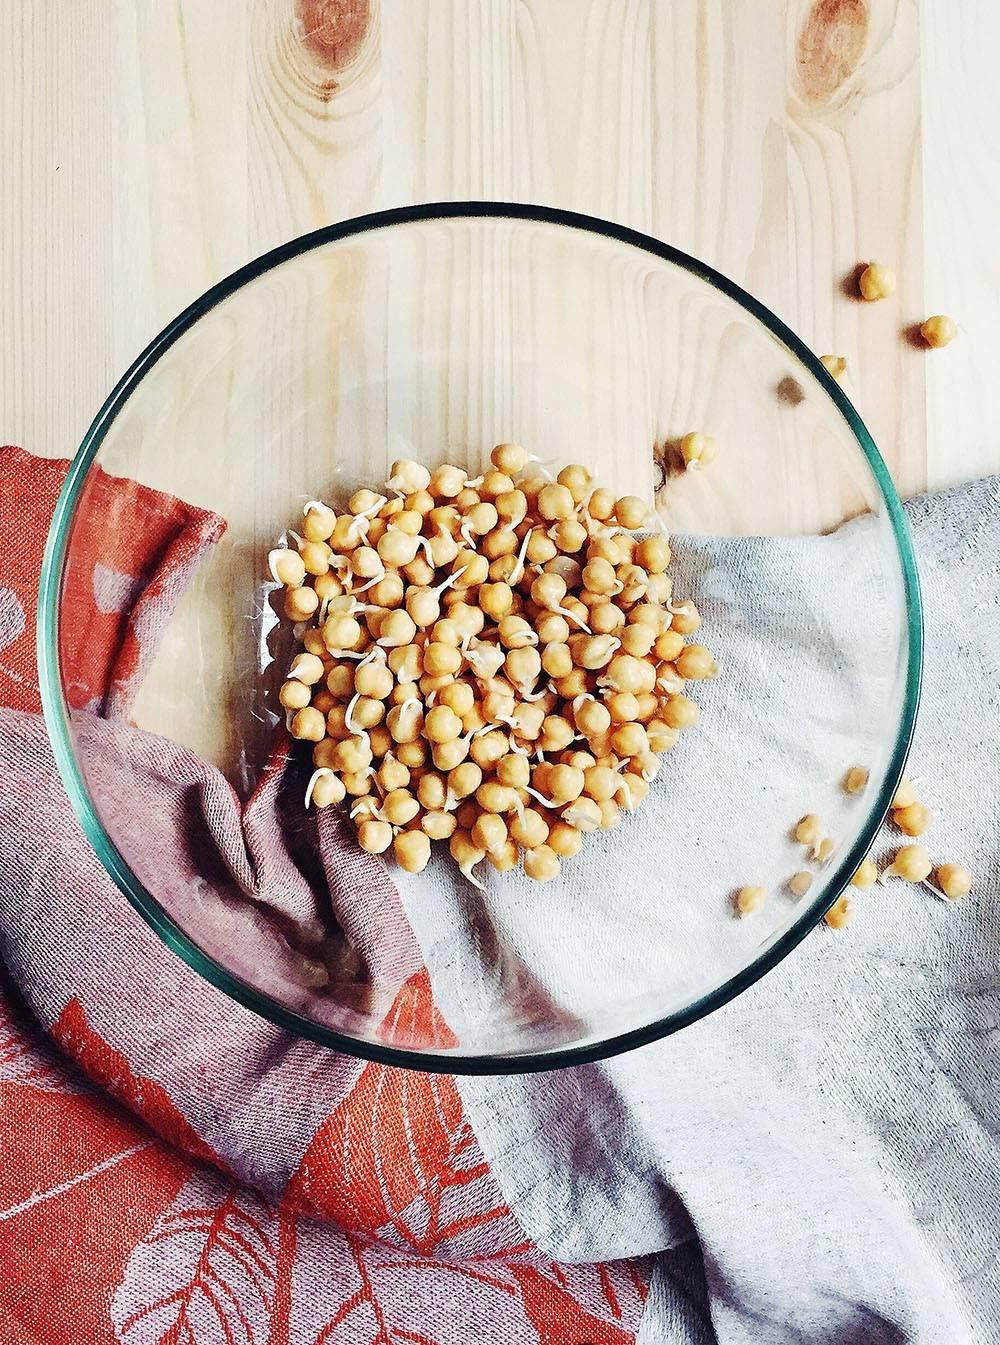 Чем полезны пророщенные зерна и семена, как их проращивать и употреблять